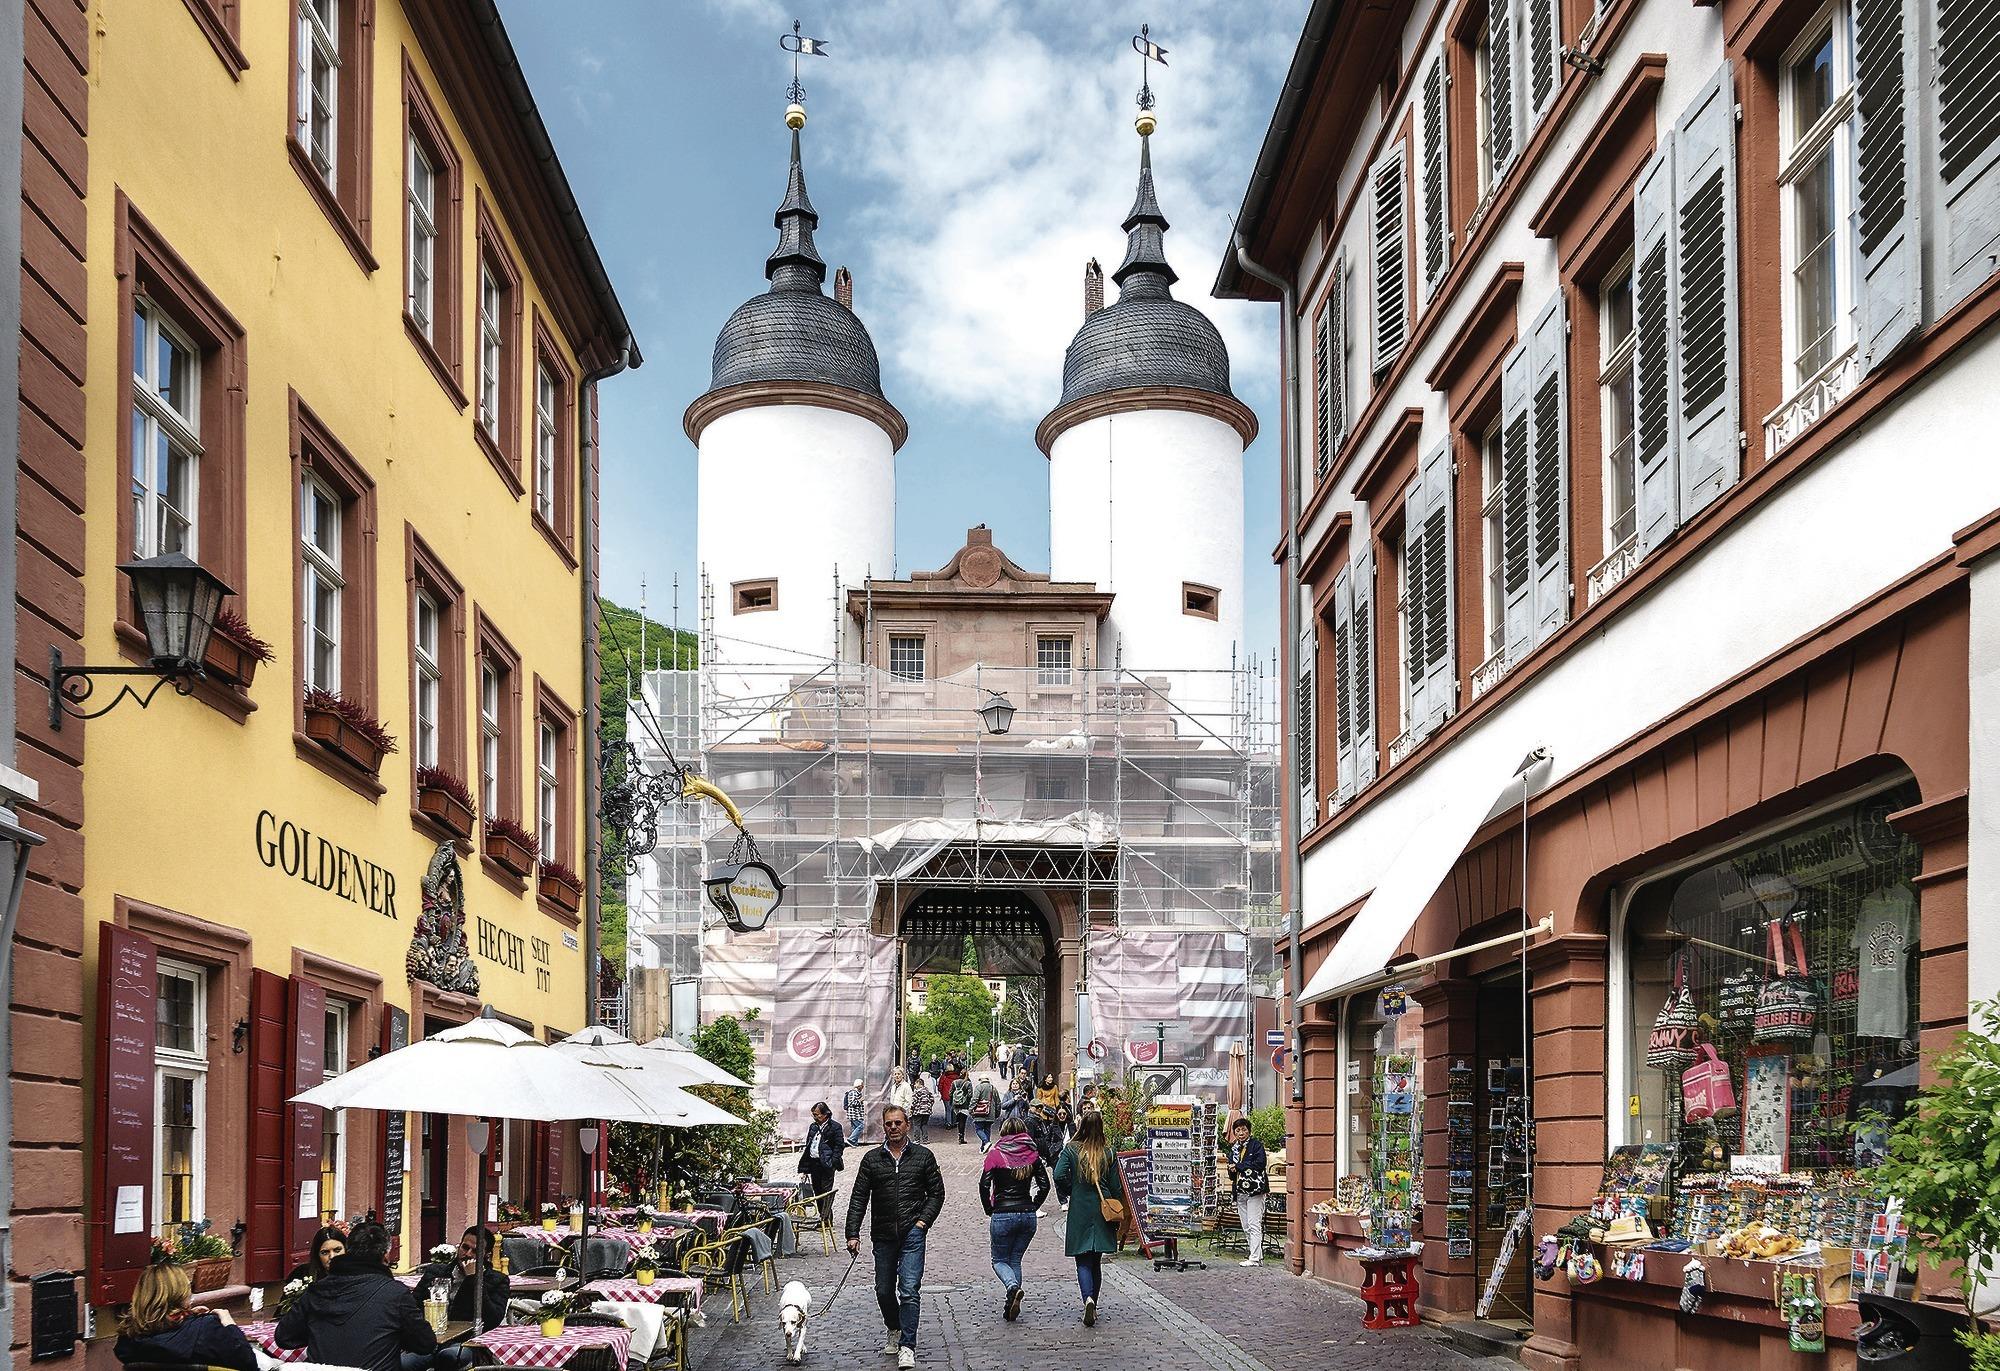 Alte Brucke Heidelberg Durchfahrt Durch Bruckentor Wegen Gerustabbau Gesperrt Nachrichten Aus Heidelberg Rnz